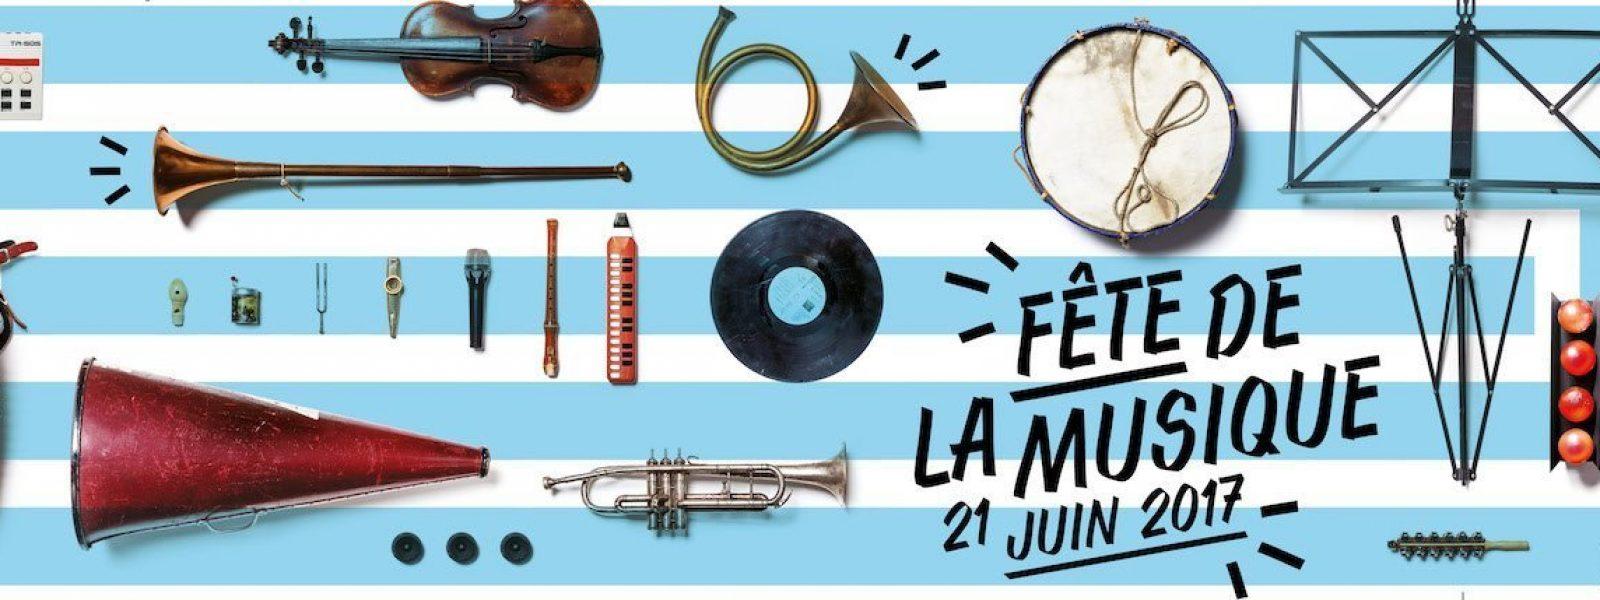 Programme de la fête de la musique 2017 à Rennes en Bretagne